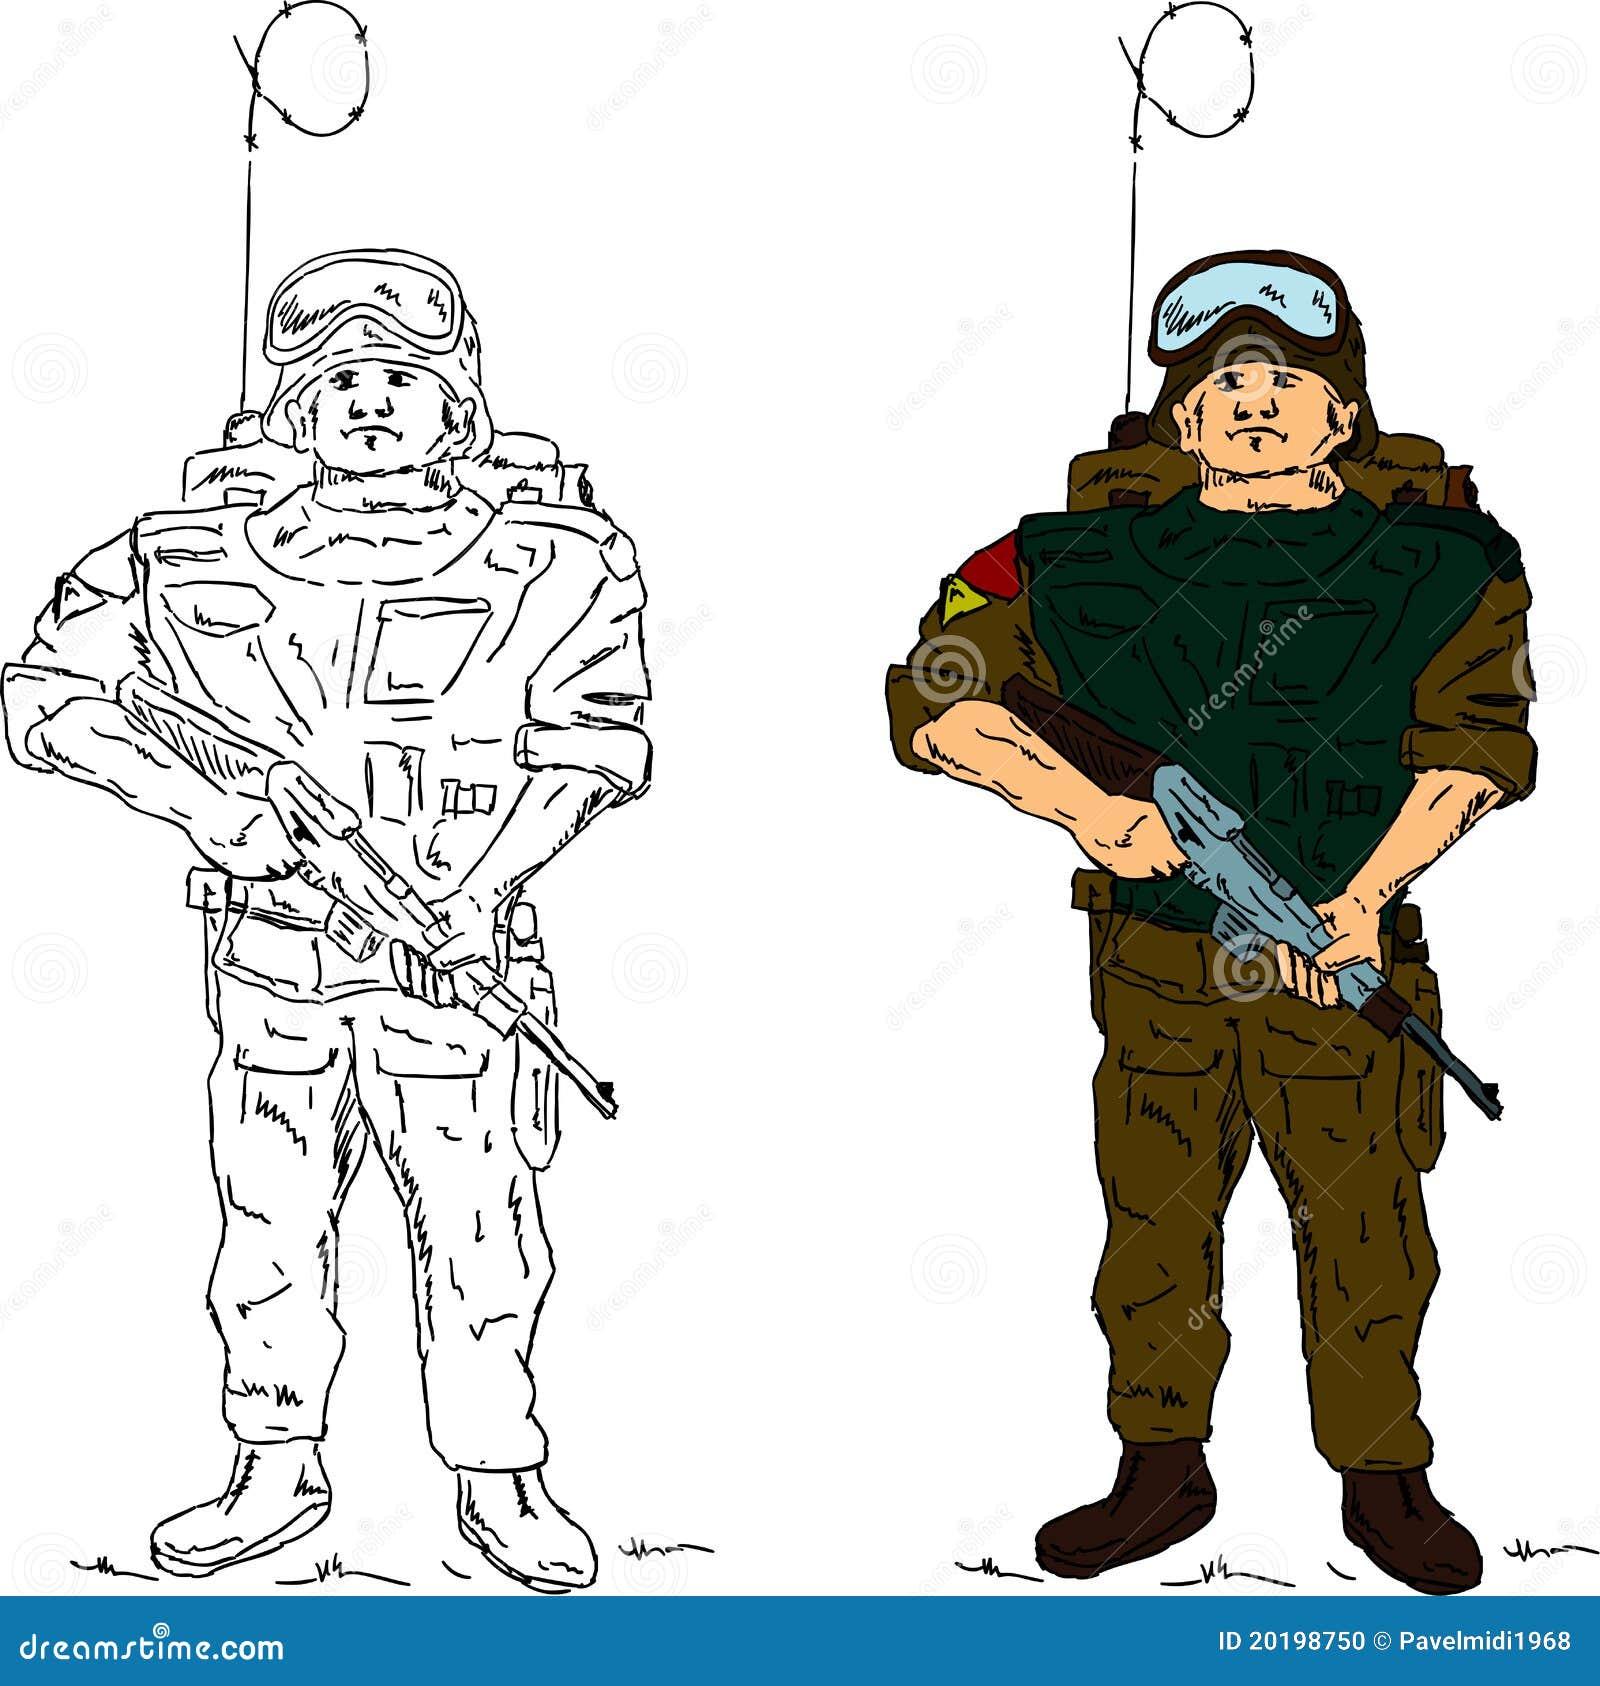 Фото как нарисовать военного